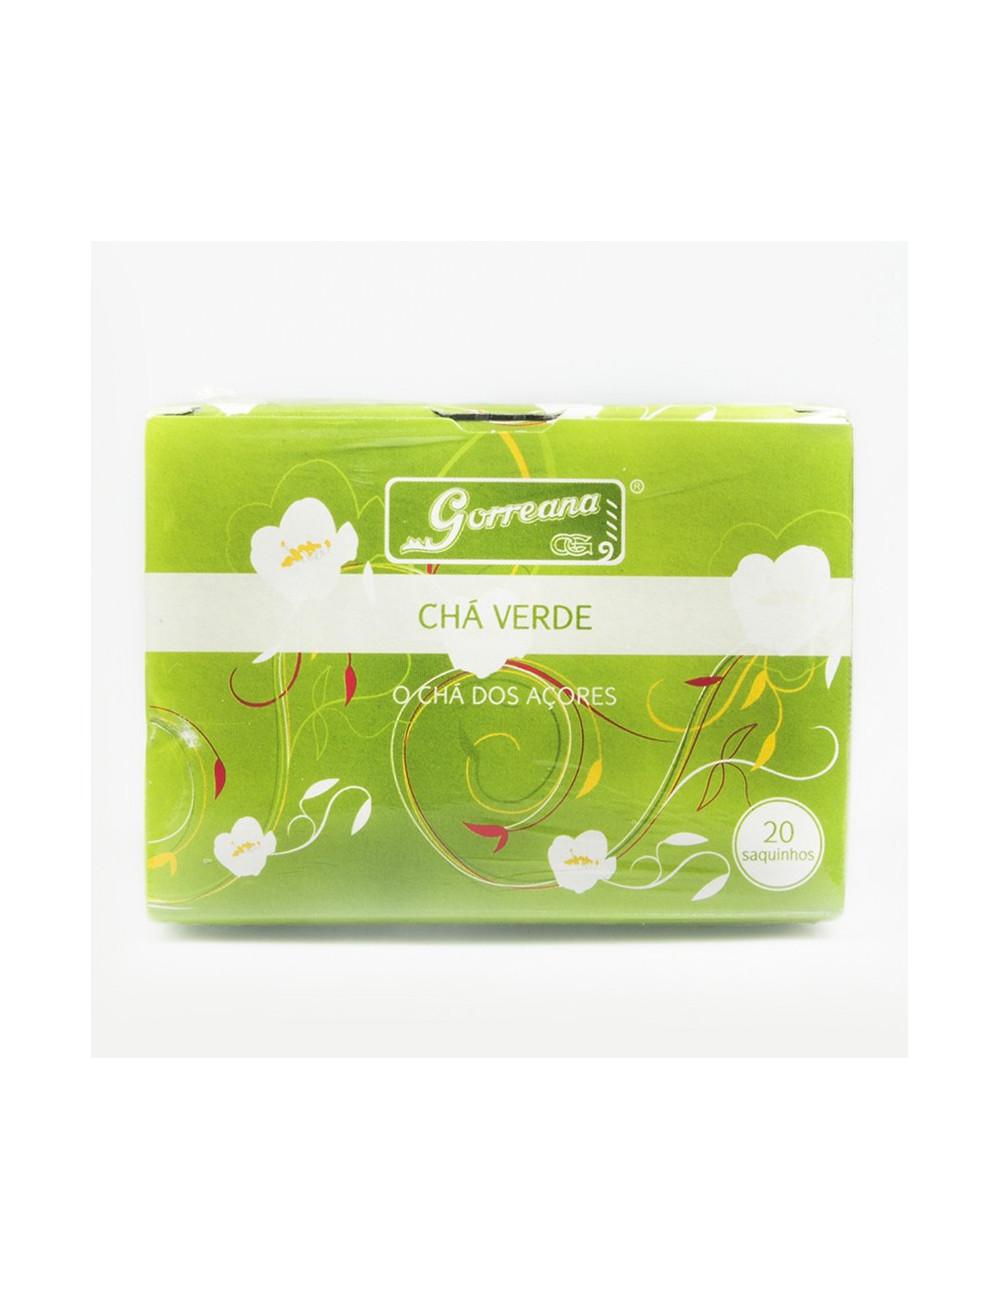 Chá Verde Gorreana